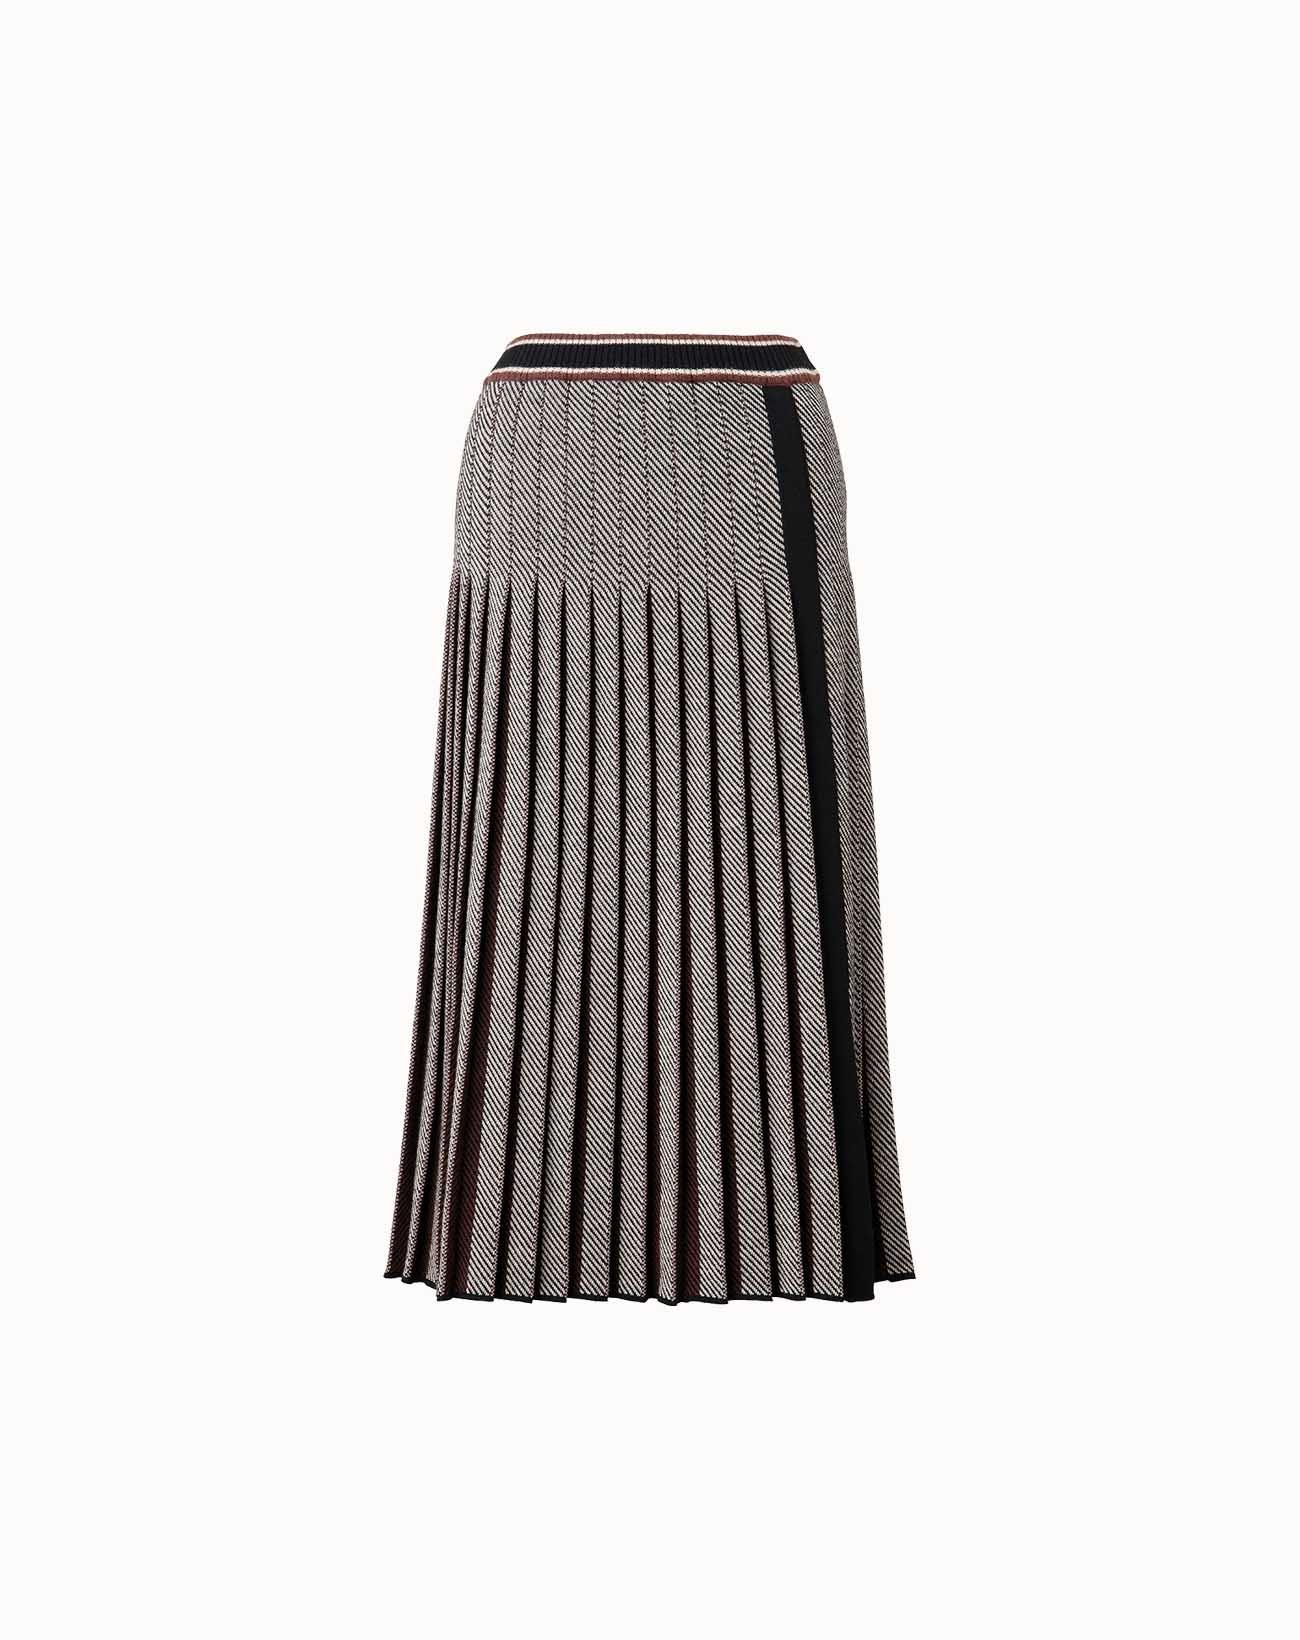 leur logette - Herringbone Wool Skirt - Black